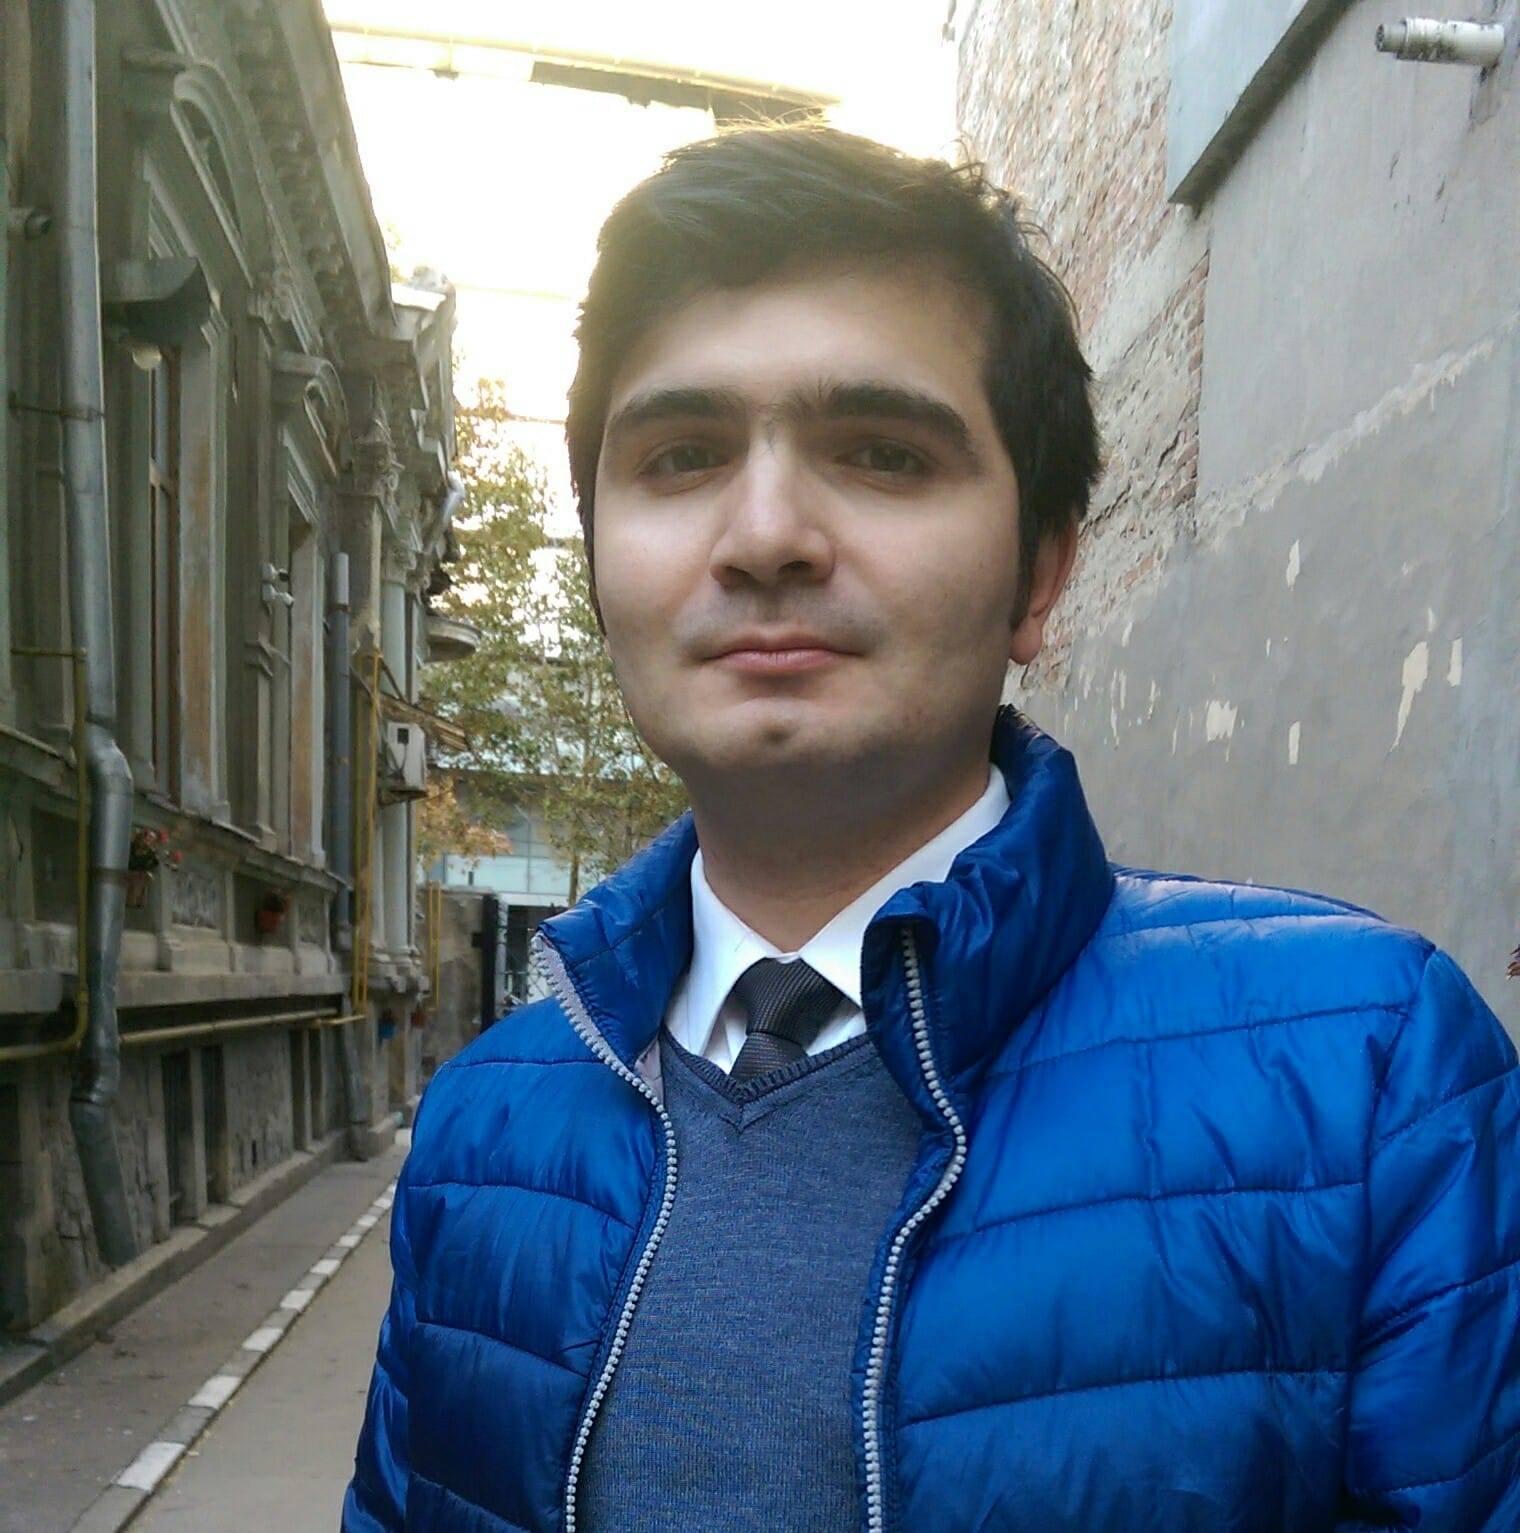 Bogdan Anicescu